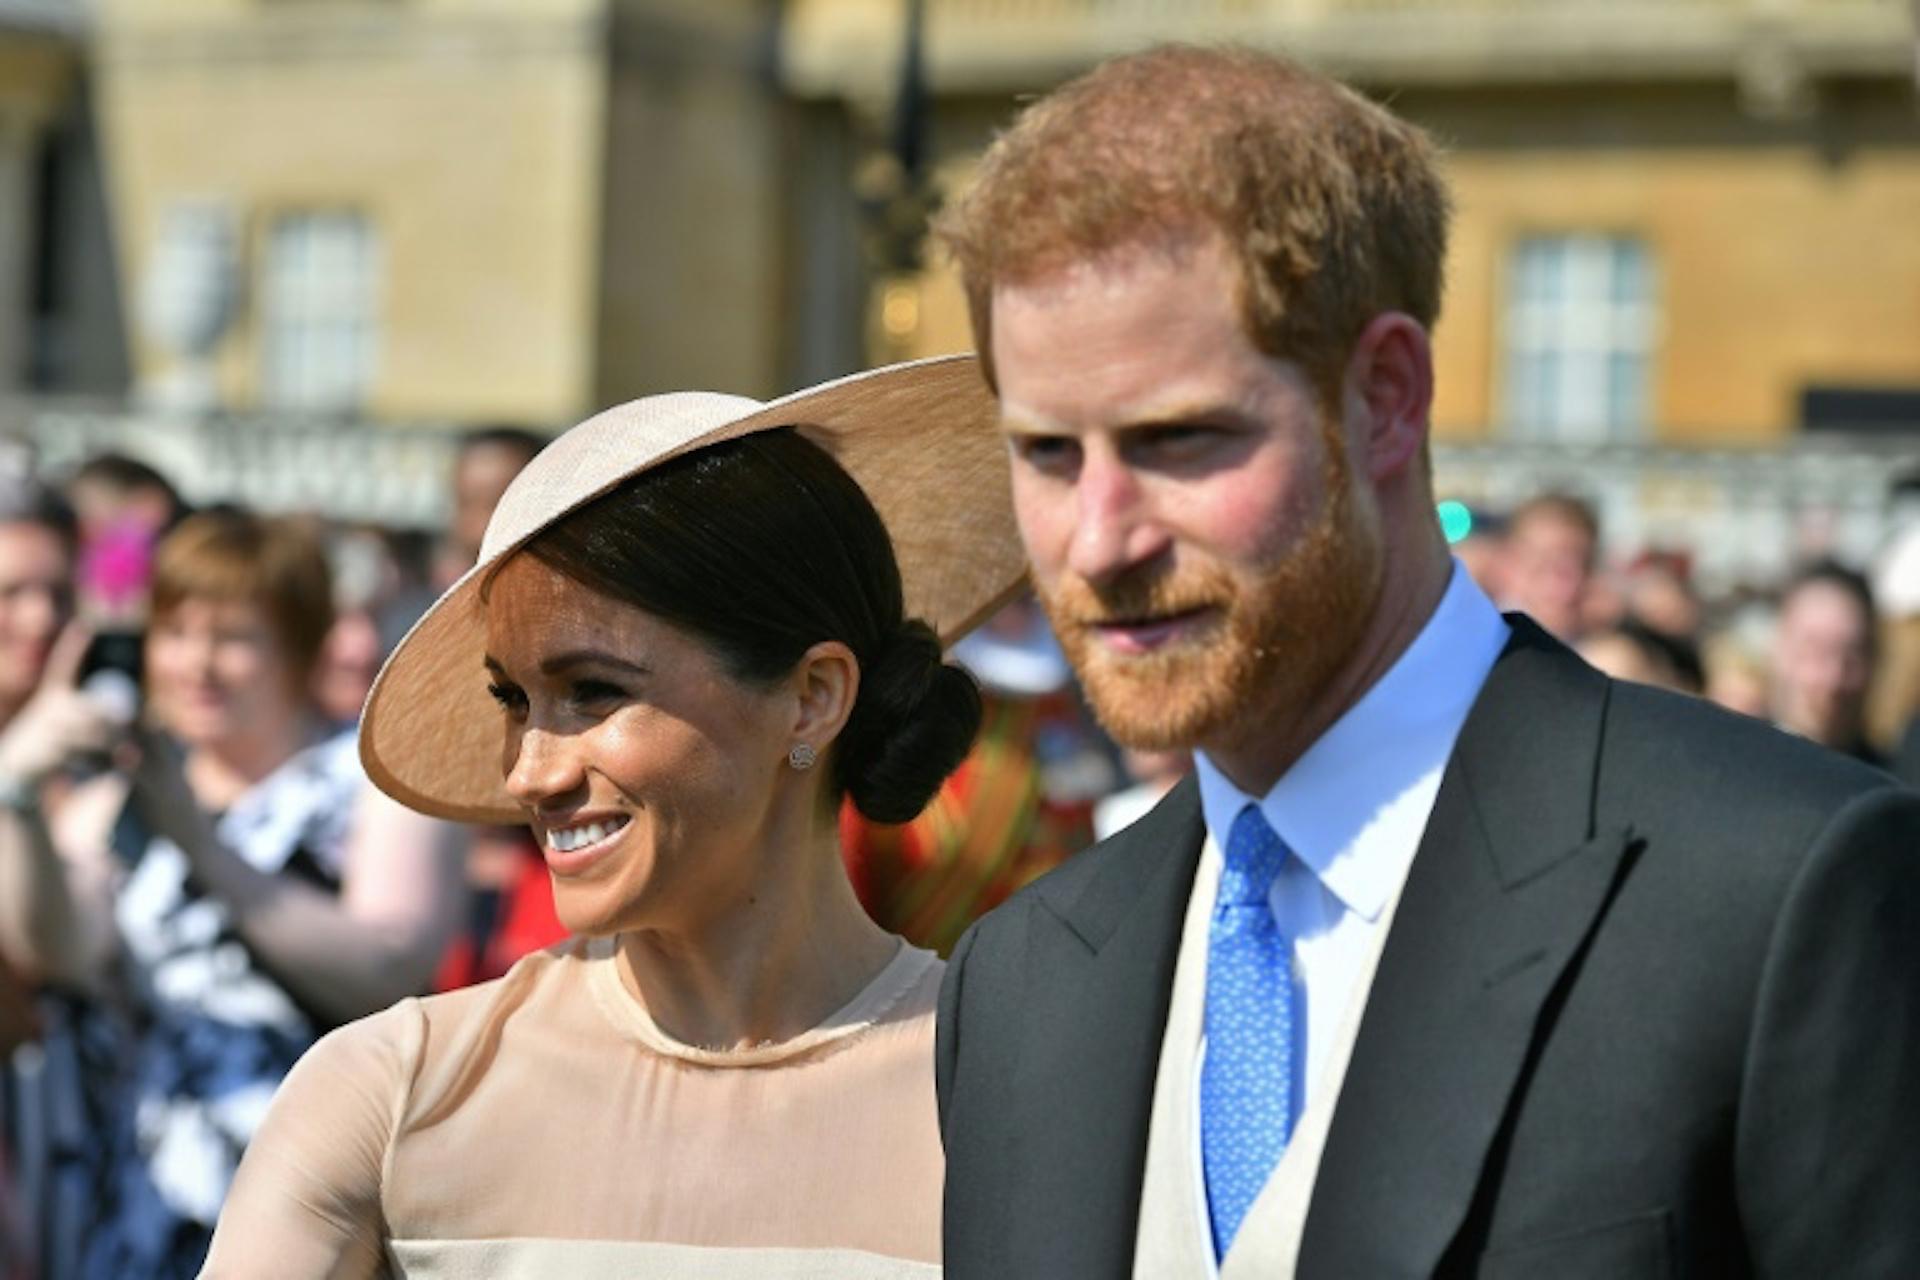 La celebración del 70º cumpleaños del príncipe Carlos en el Palacio de Buckingham fue el debut de Meghan Markle como Duquesa de Sussex.